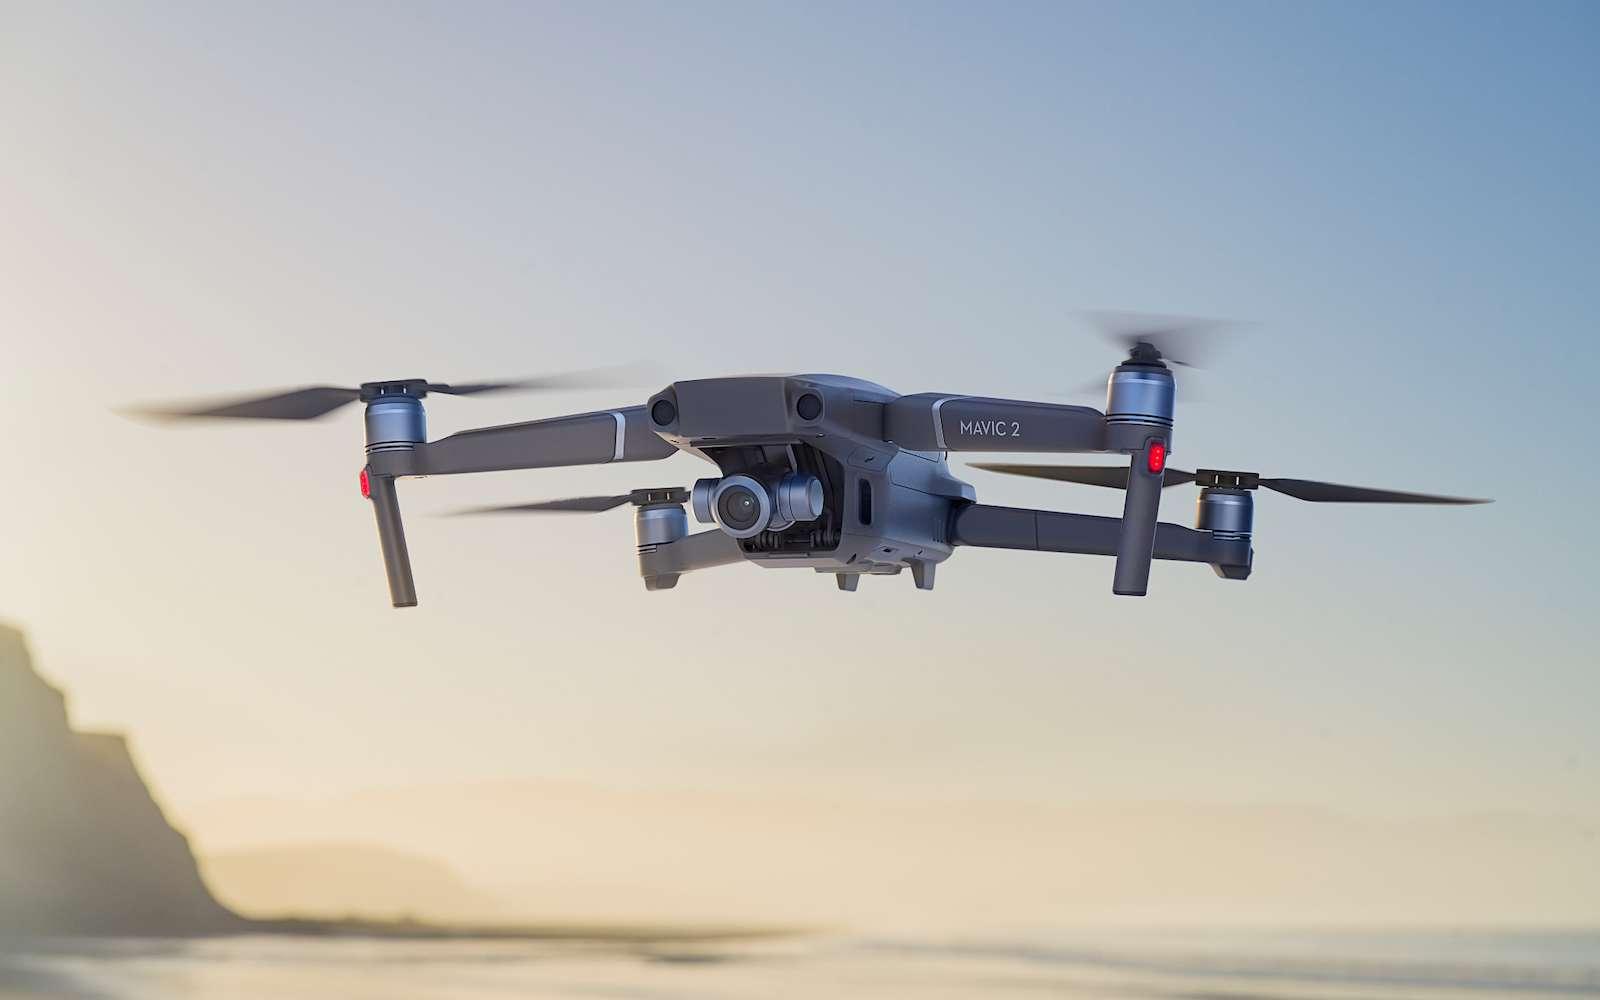 Le drone compact DJI Mavic 2 est utilisé dans le Sahel par l'armée française dans le cadre de l'opération Barkhane. Il convient aussi bien aux amateurs qu'aux professionnels. © DJI